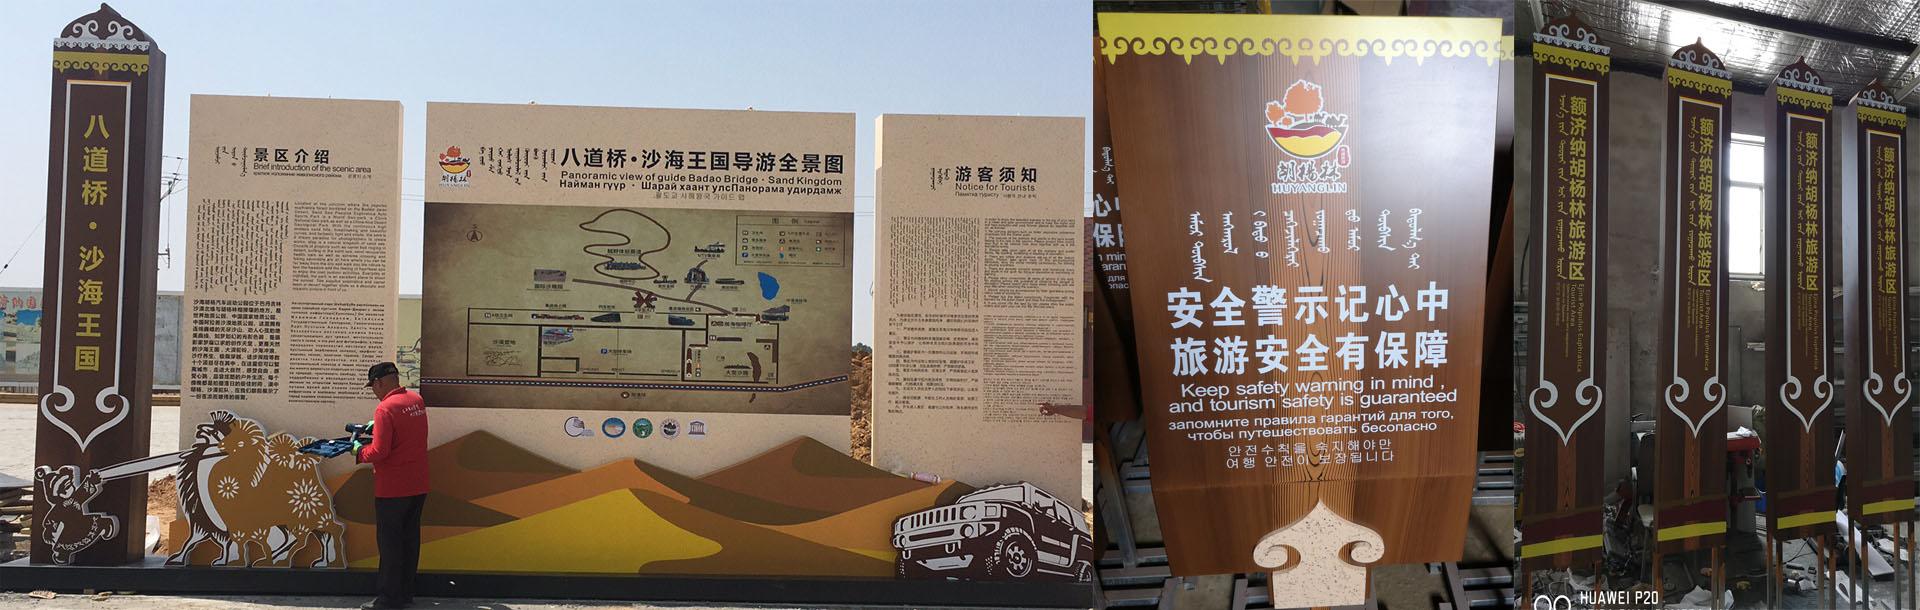 内蒙古额济纳胡杨林景区